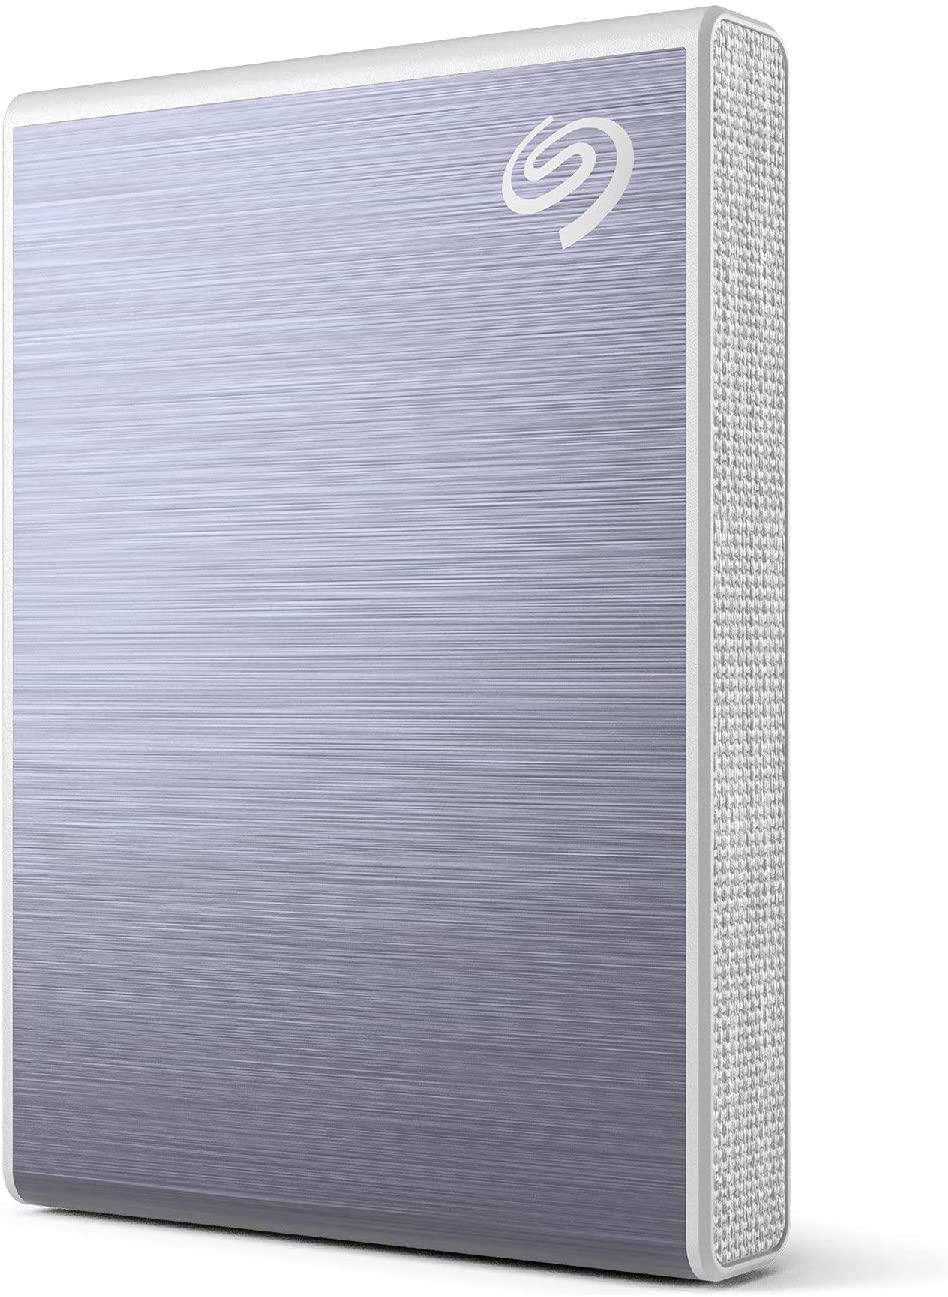 Disco duro SSD Seagate One Touch SSD de 500 GB